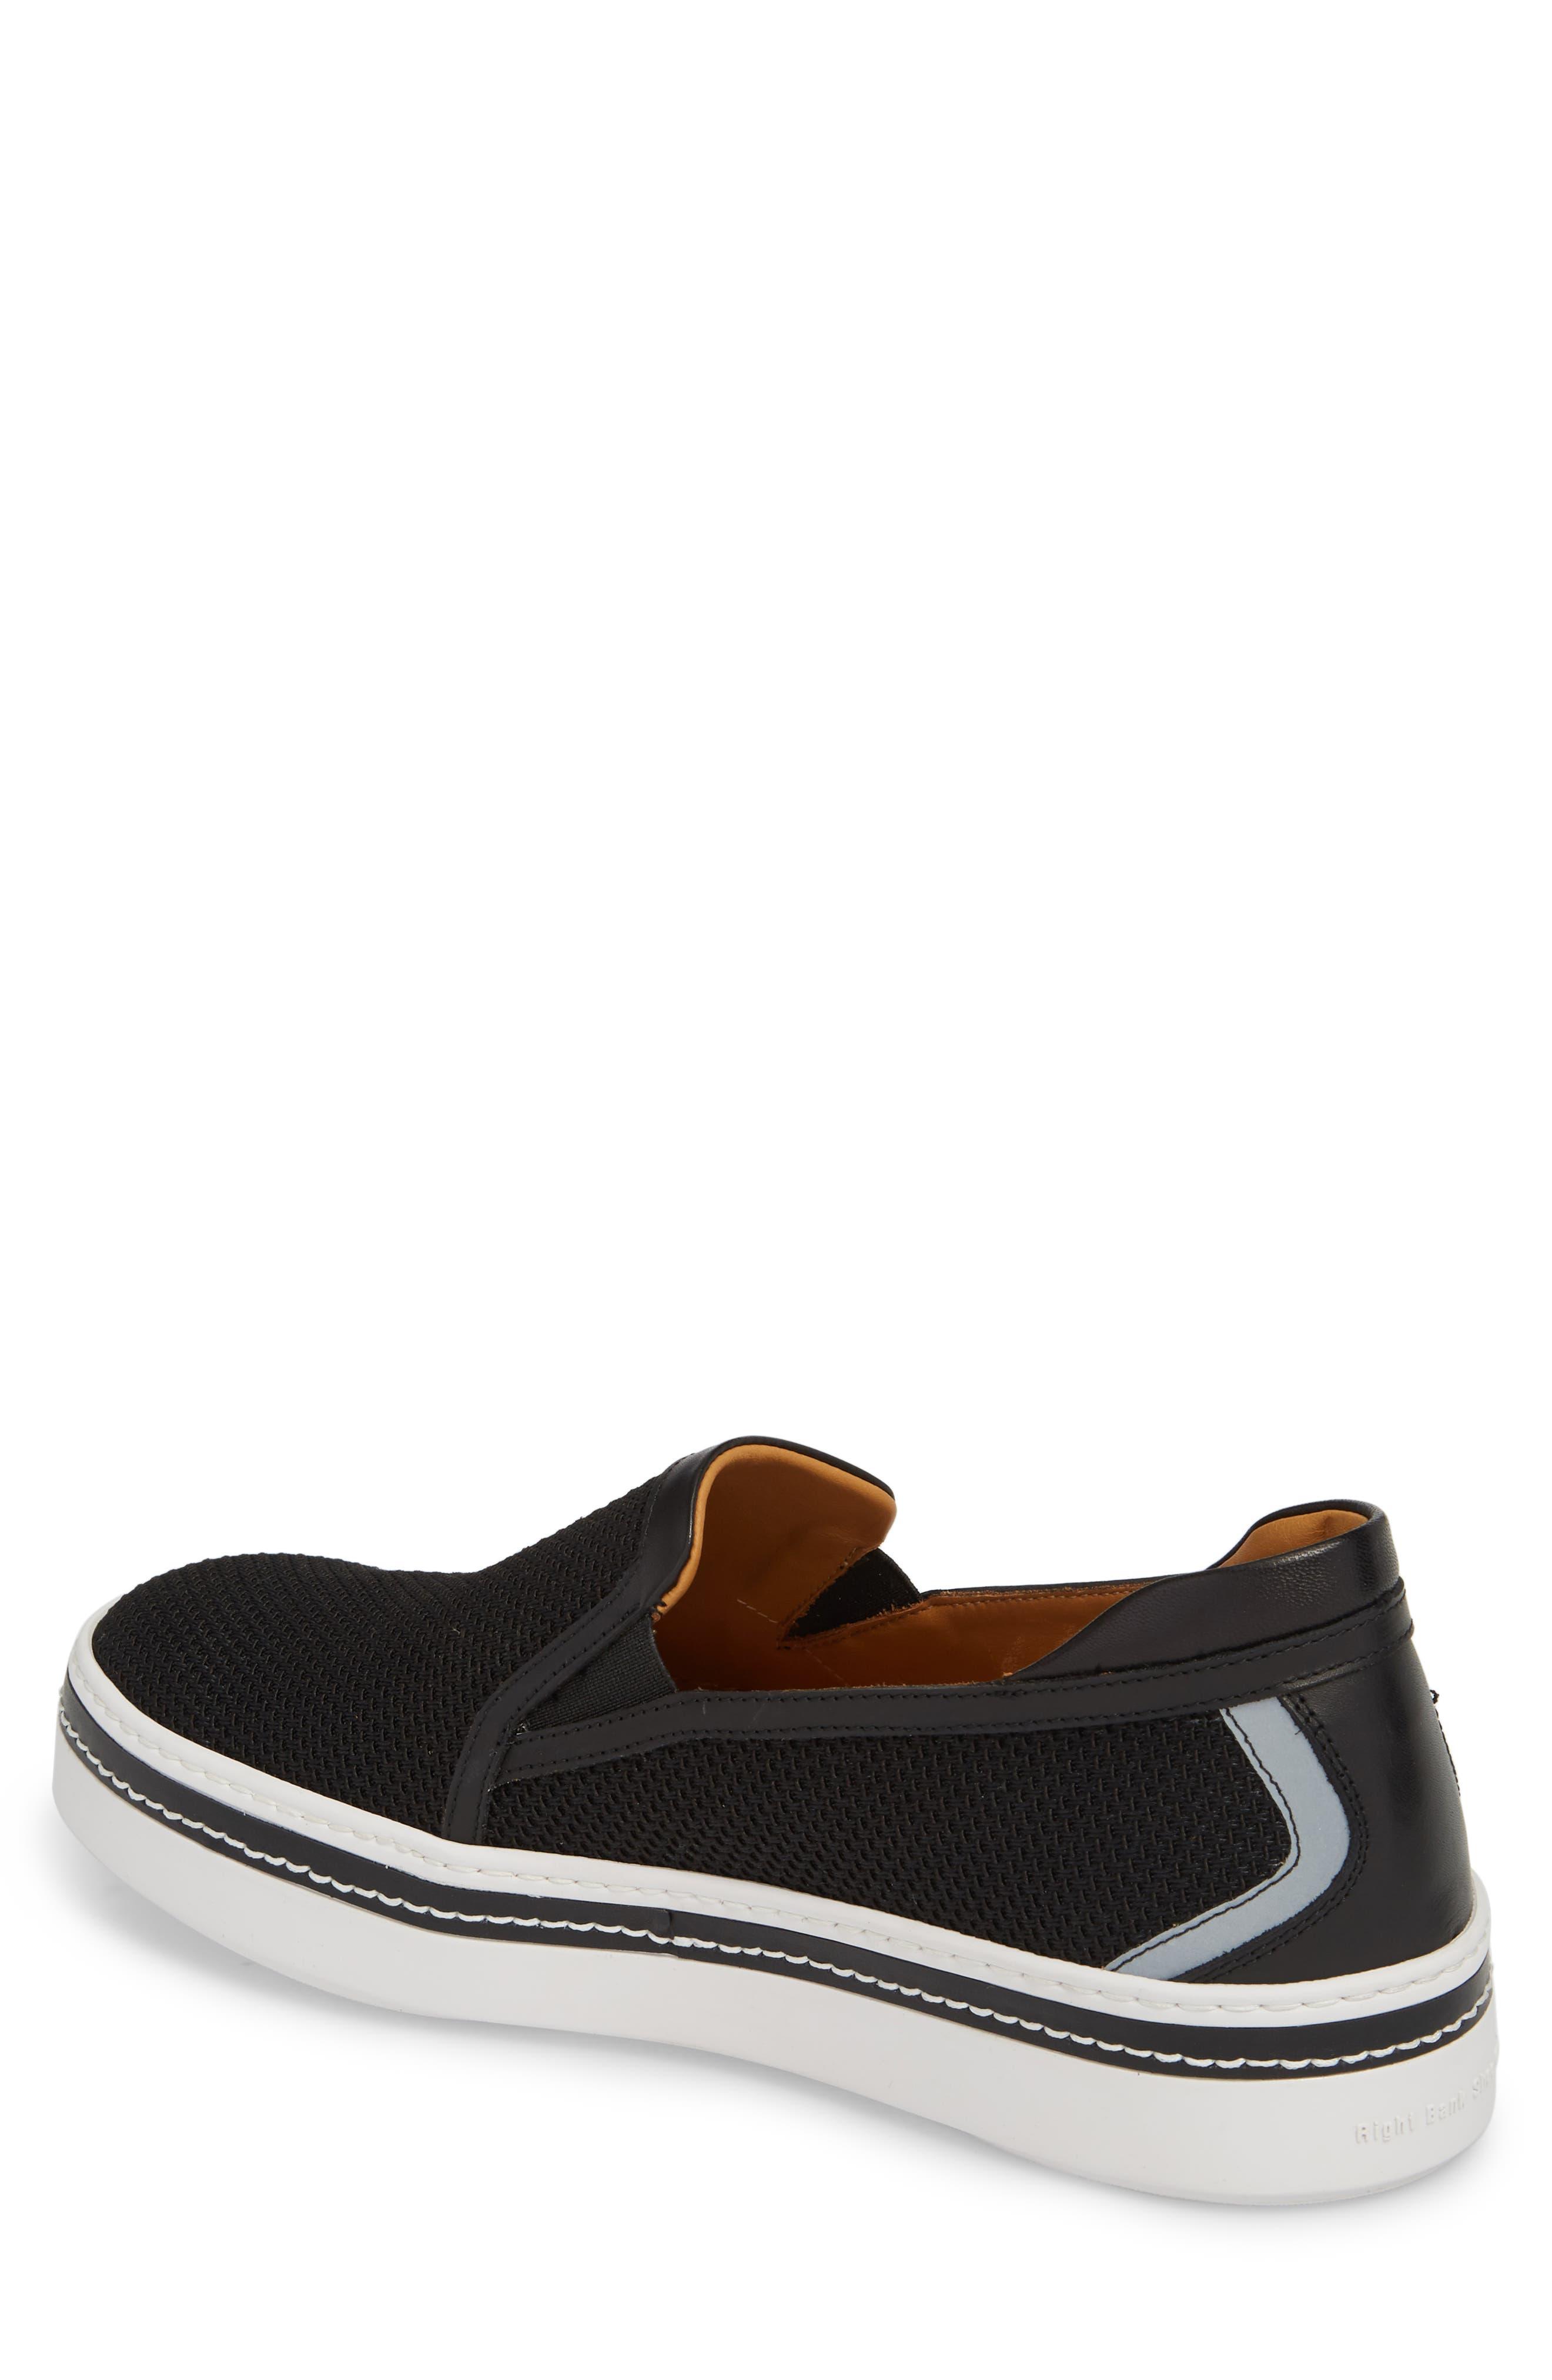 Sal Mesh Slip-On Sneaker,                             Alternate thumbnail 2, color,                             005